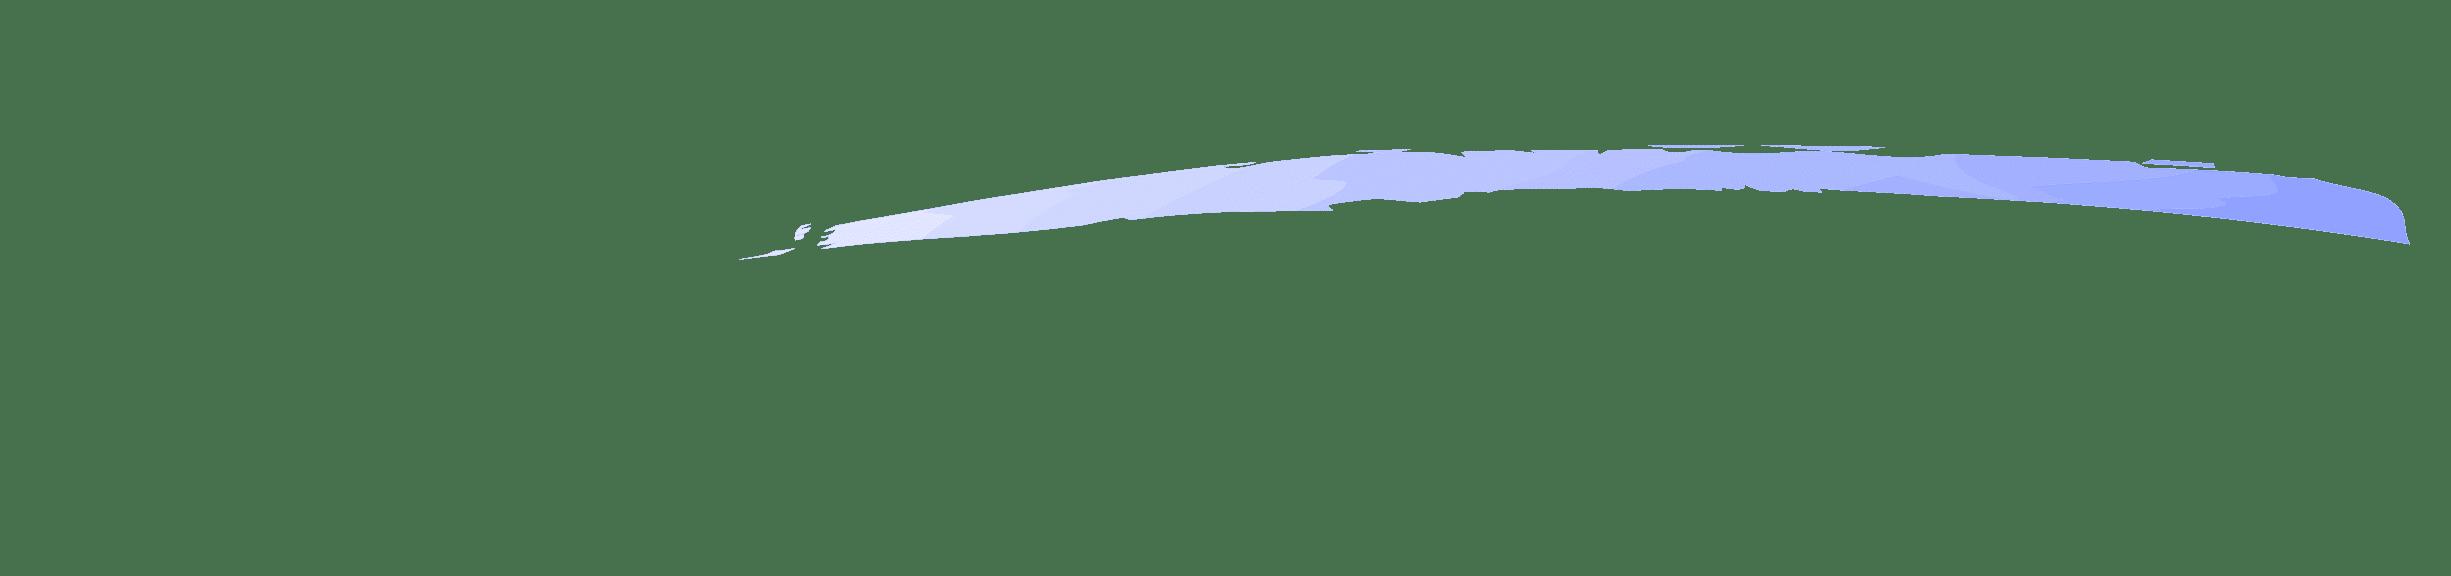 decondia-pinsel-7